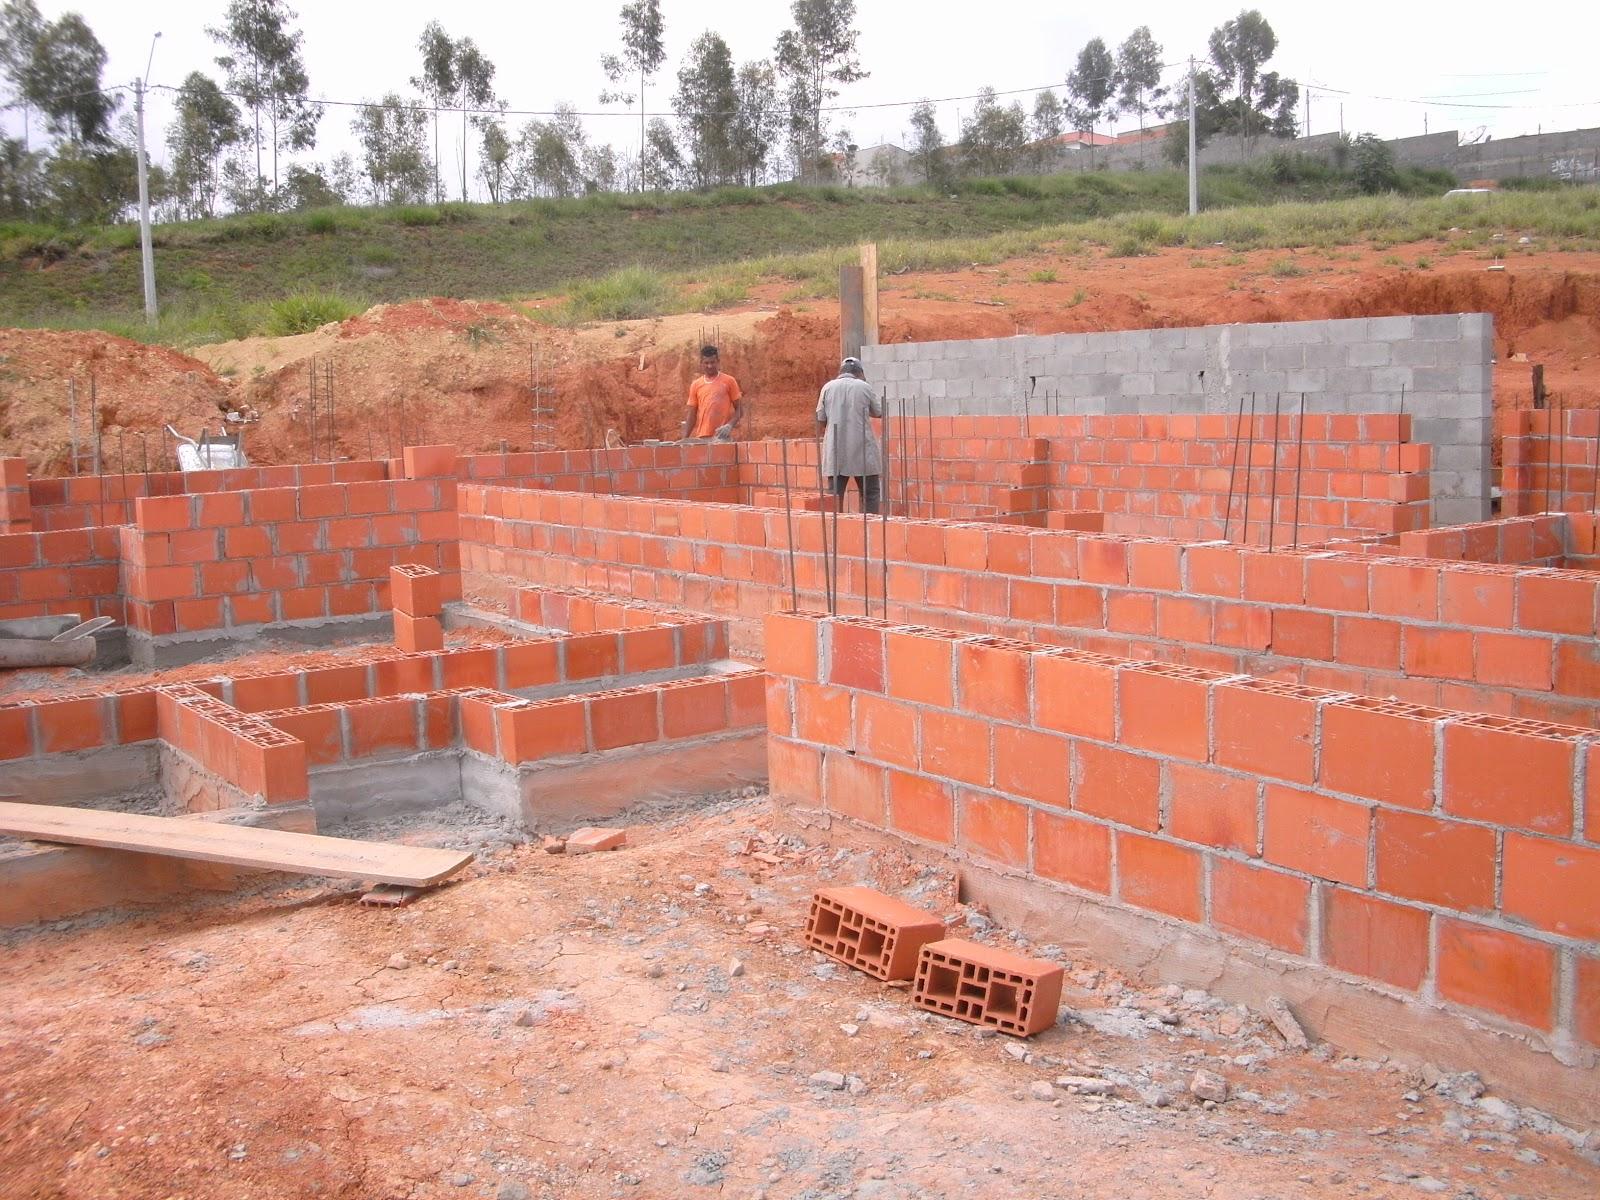 Alvenaria Estrutural: por que usar blocos cerâmicos pode ser a forma mais sustentável de se construir?